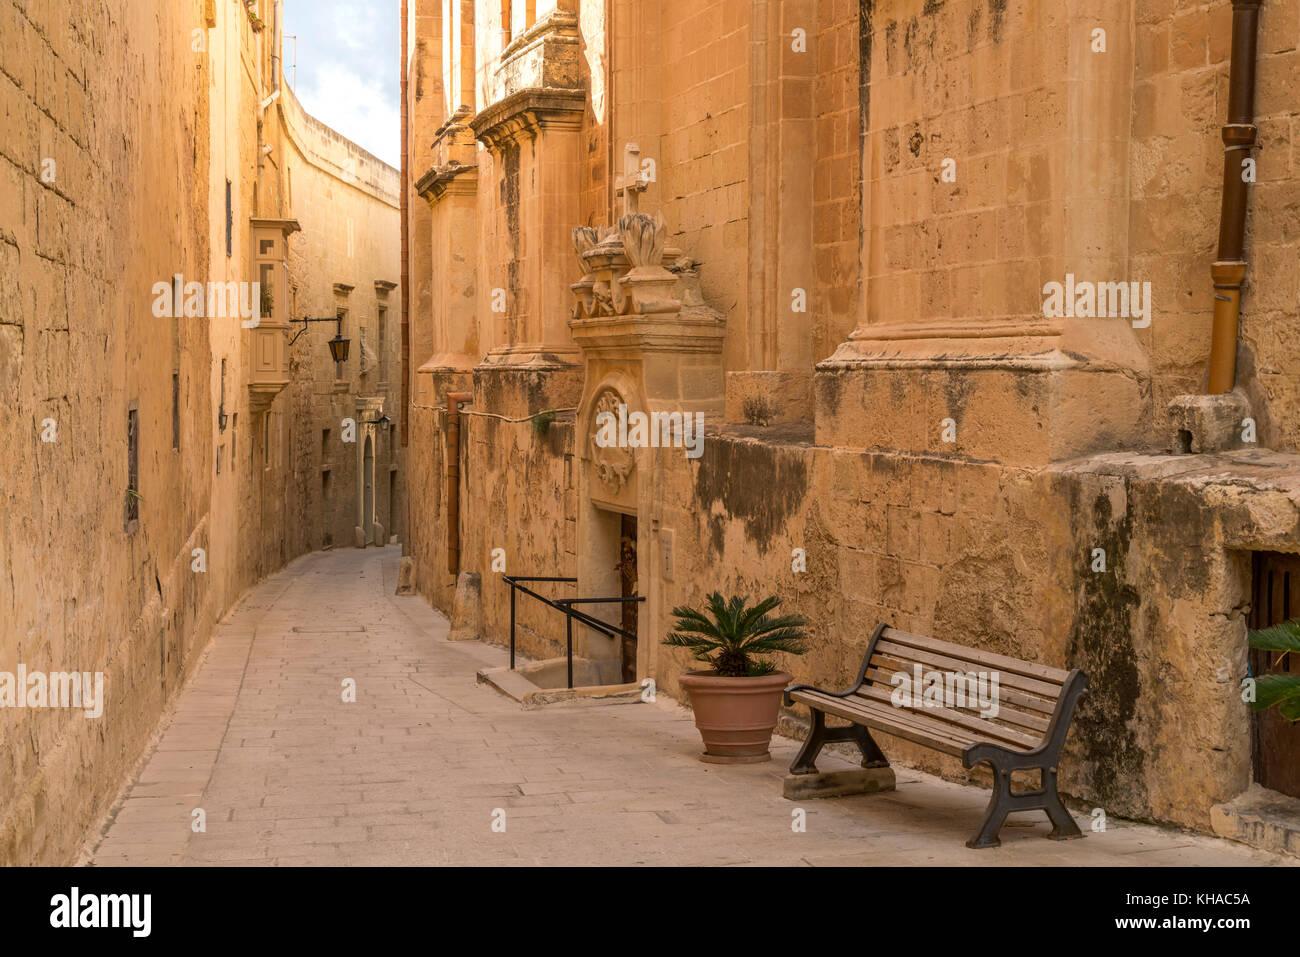 Callejuela entre las viejas casas, Mdina, malta Imagen De Stock